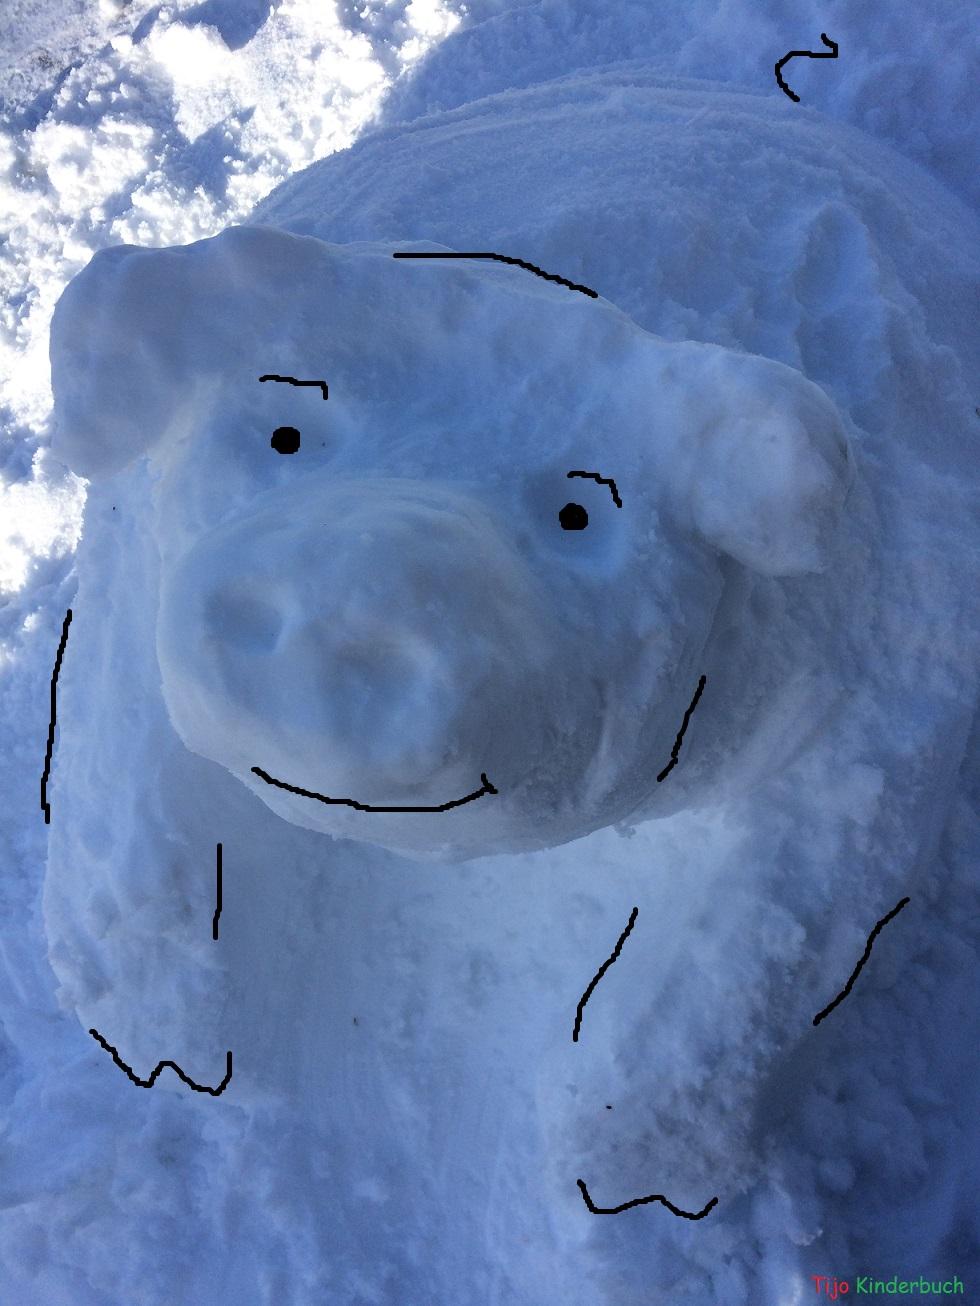 schneeschwein, snowpig